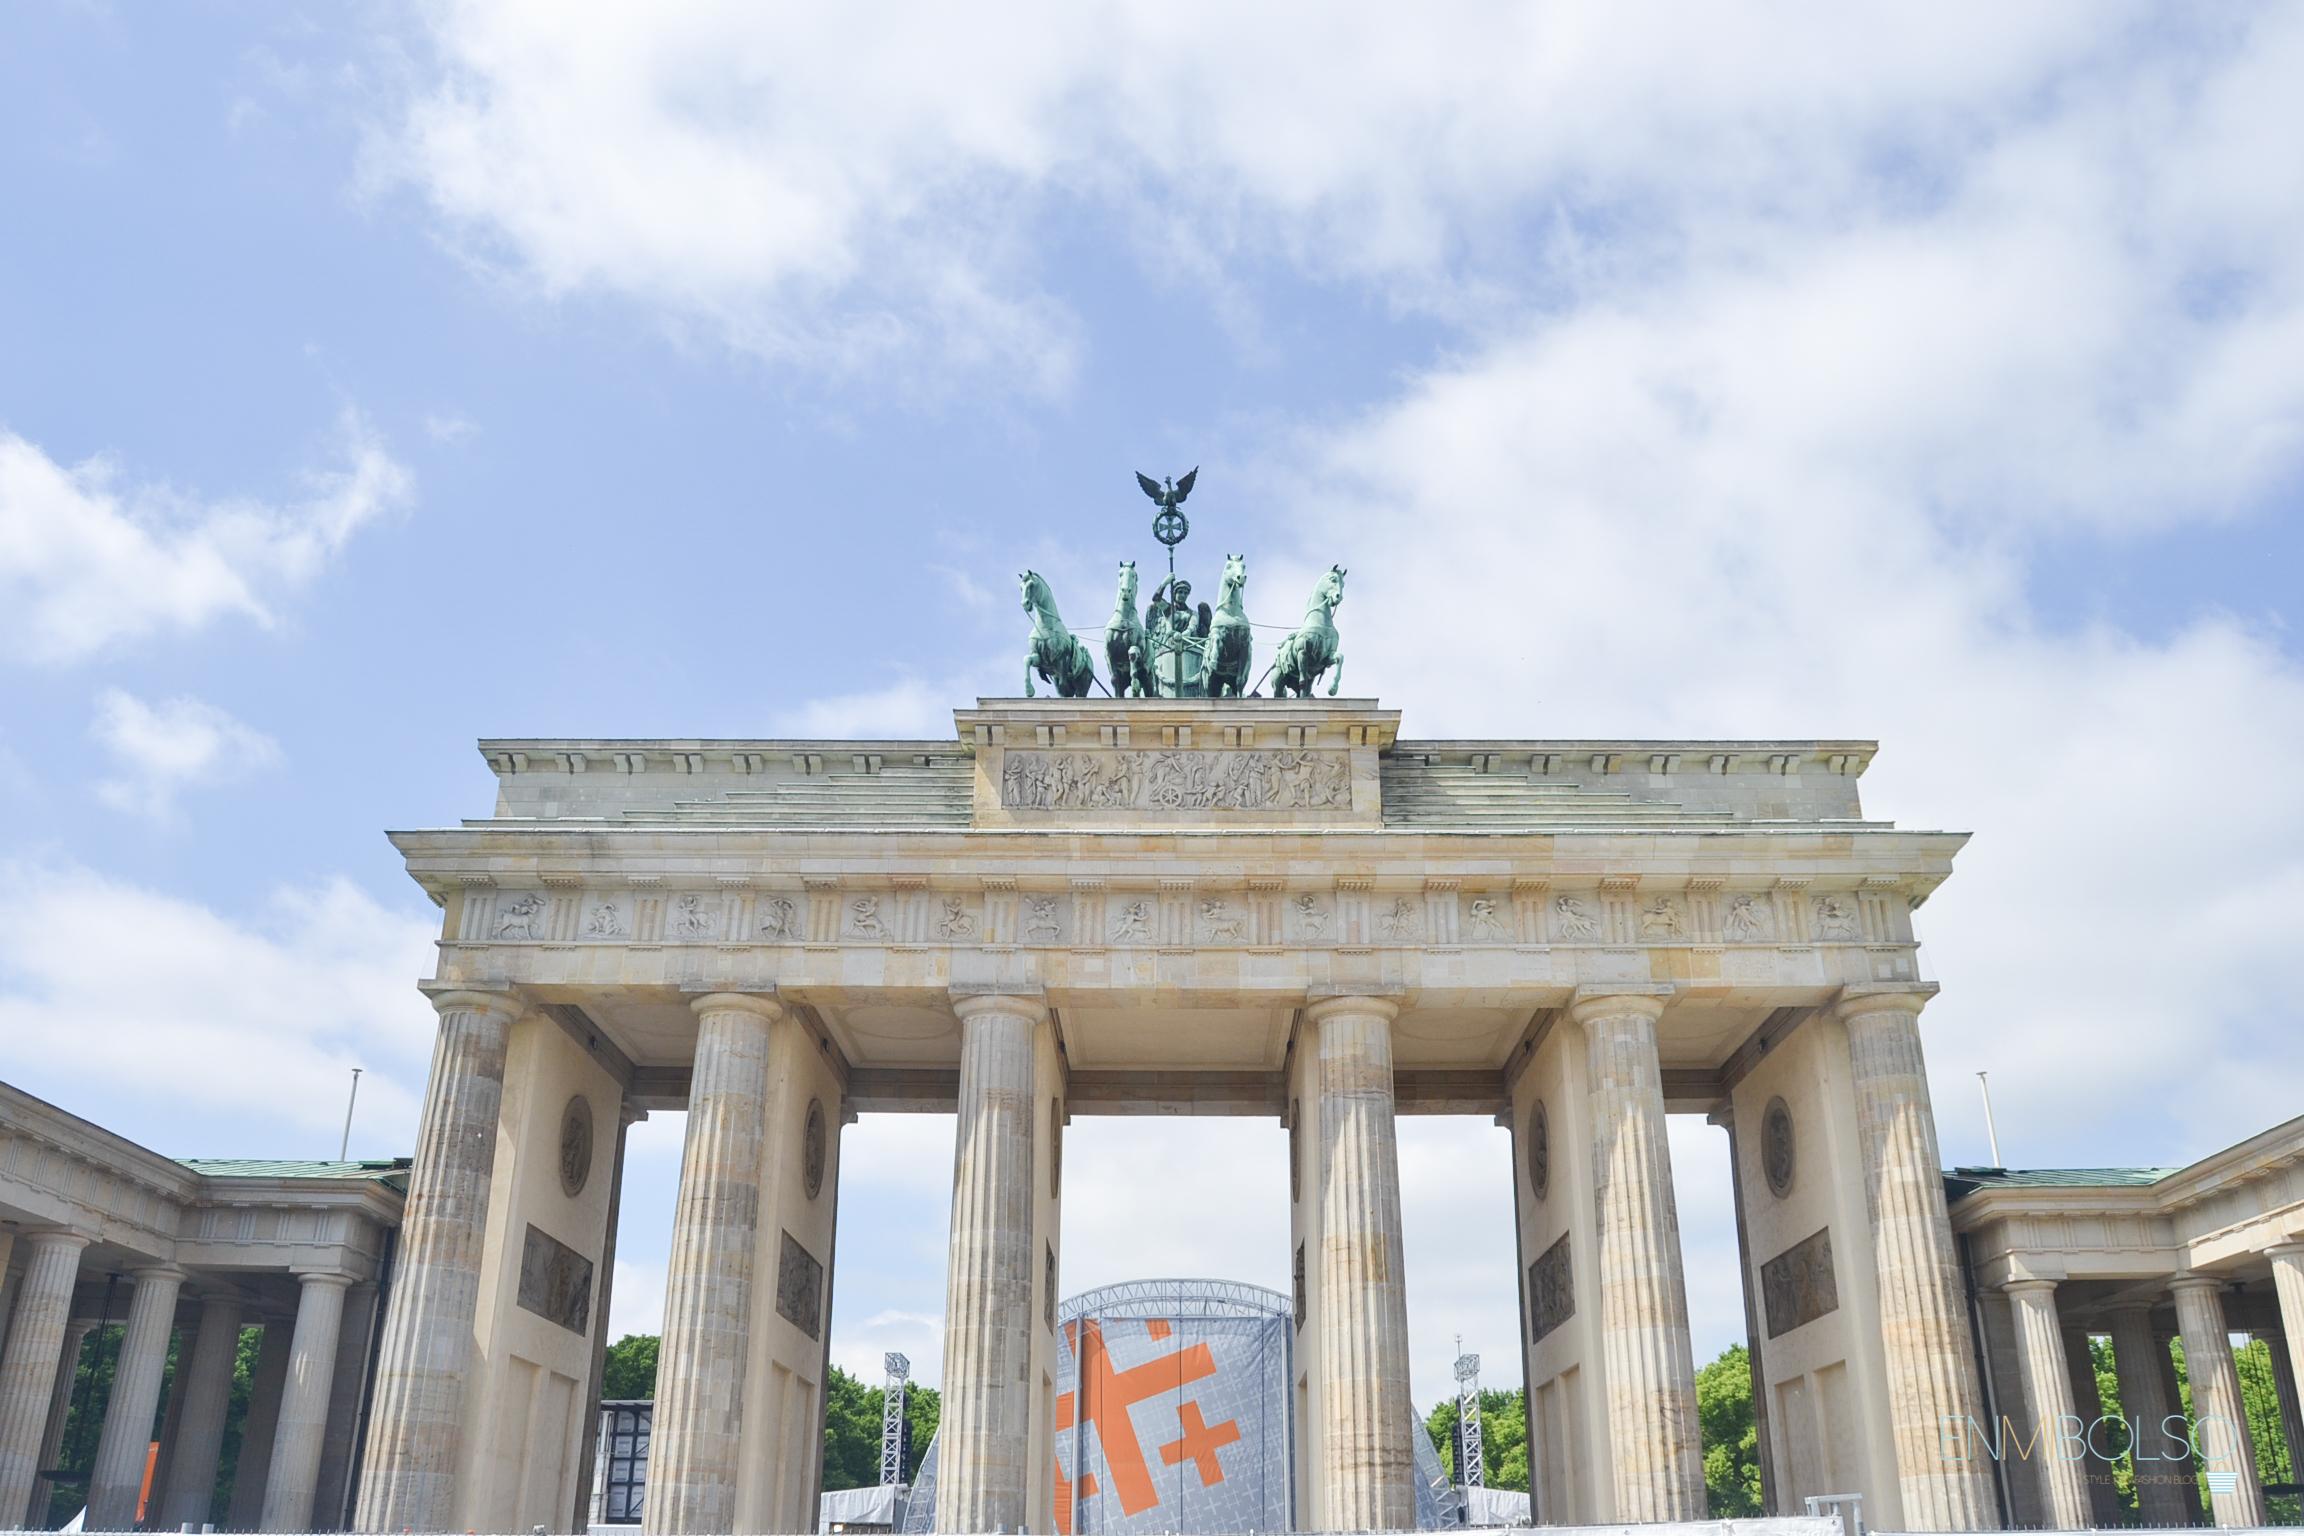 Puerta de Brandenburgo-enmibolso